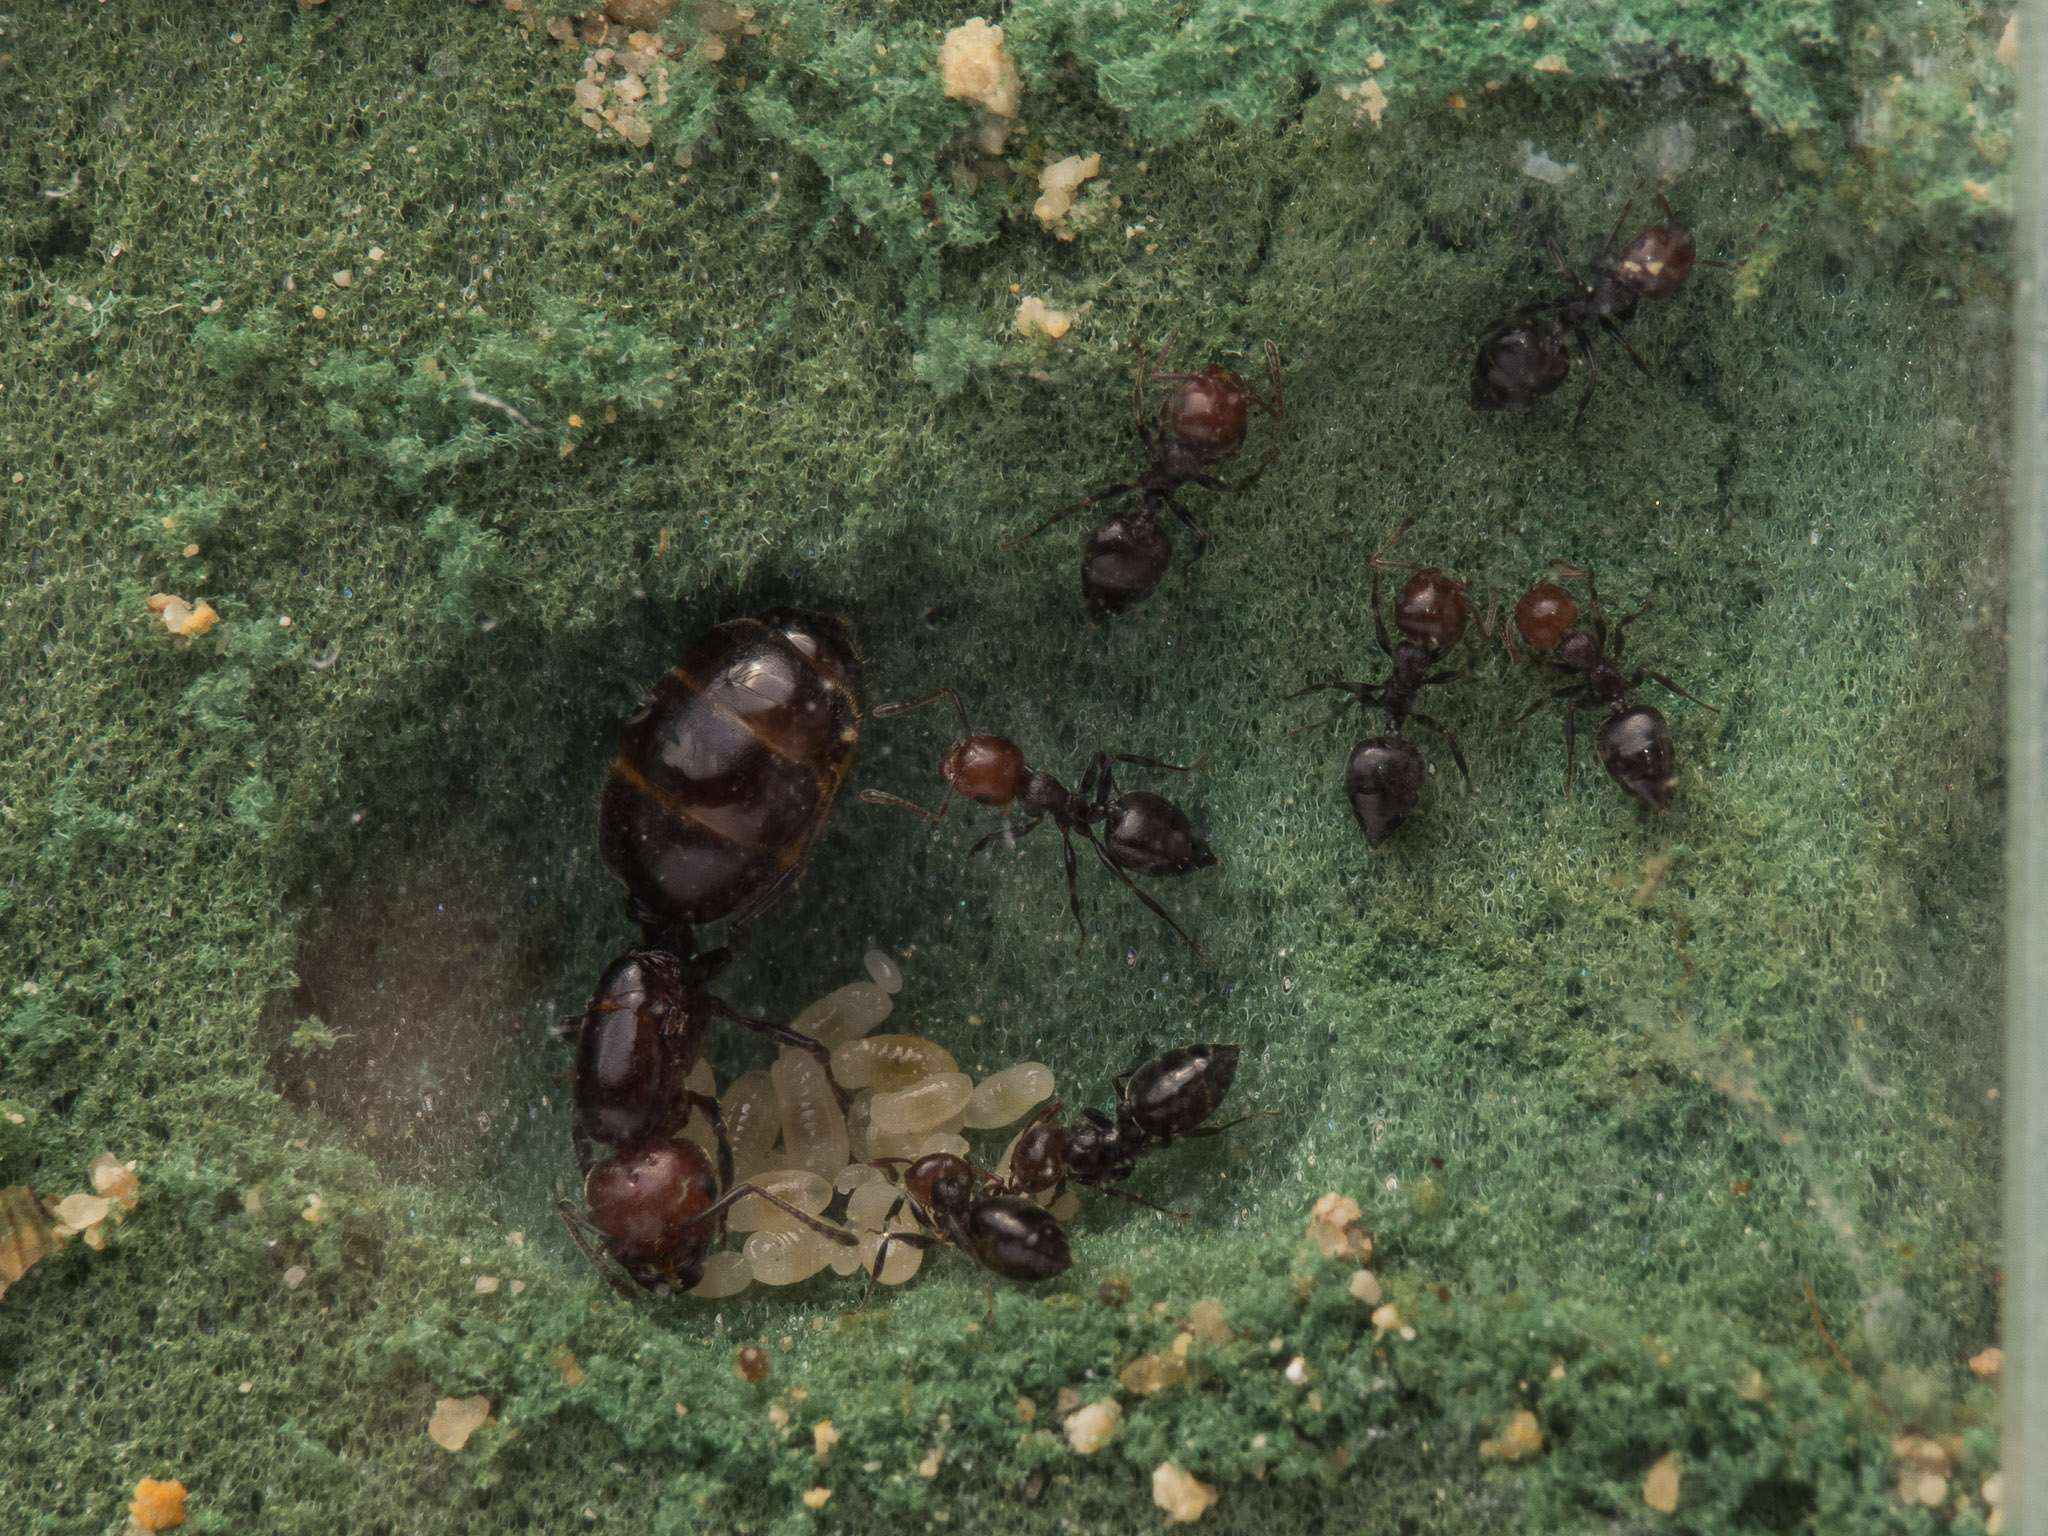 Crematogaster scutellaris: Gemeinschaftshaltung mit Camponotus lateralis